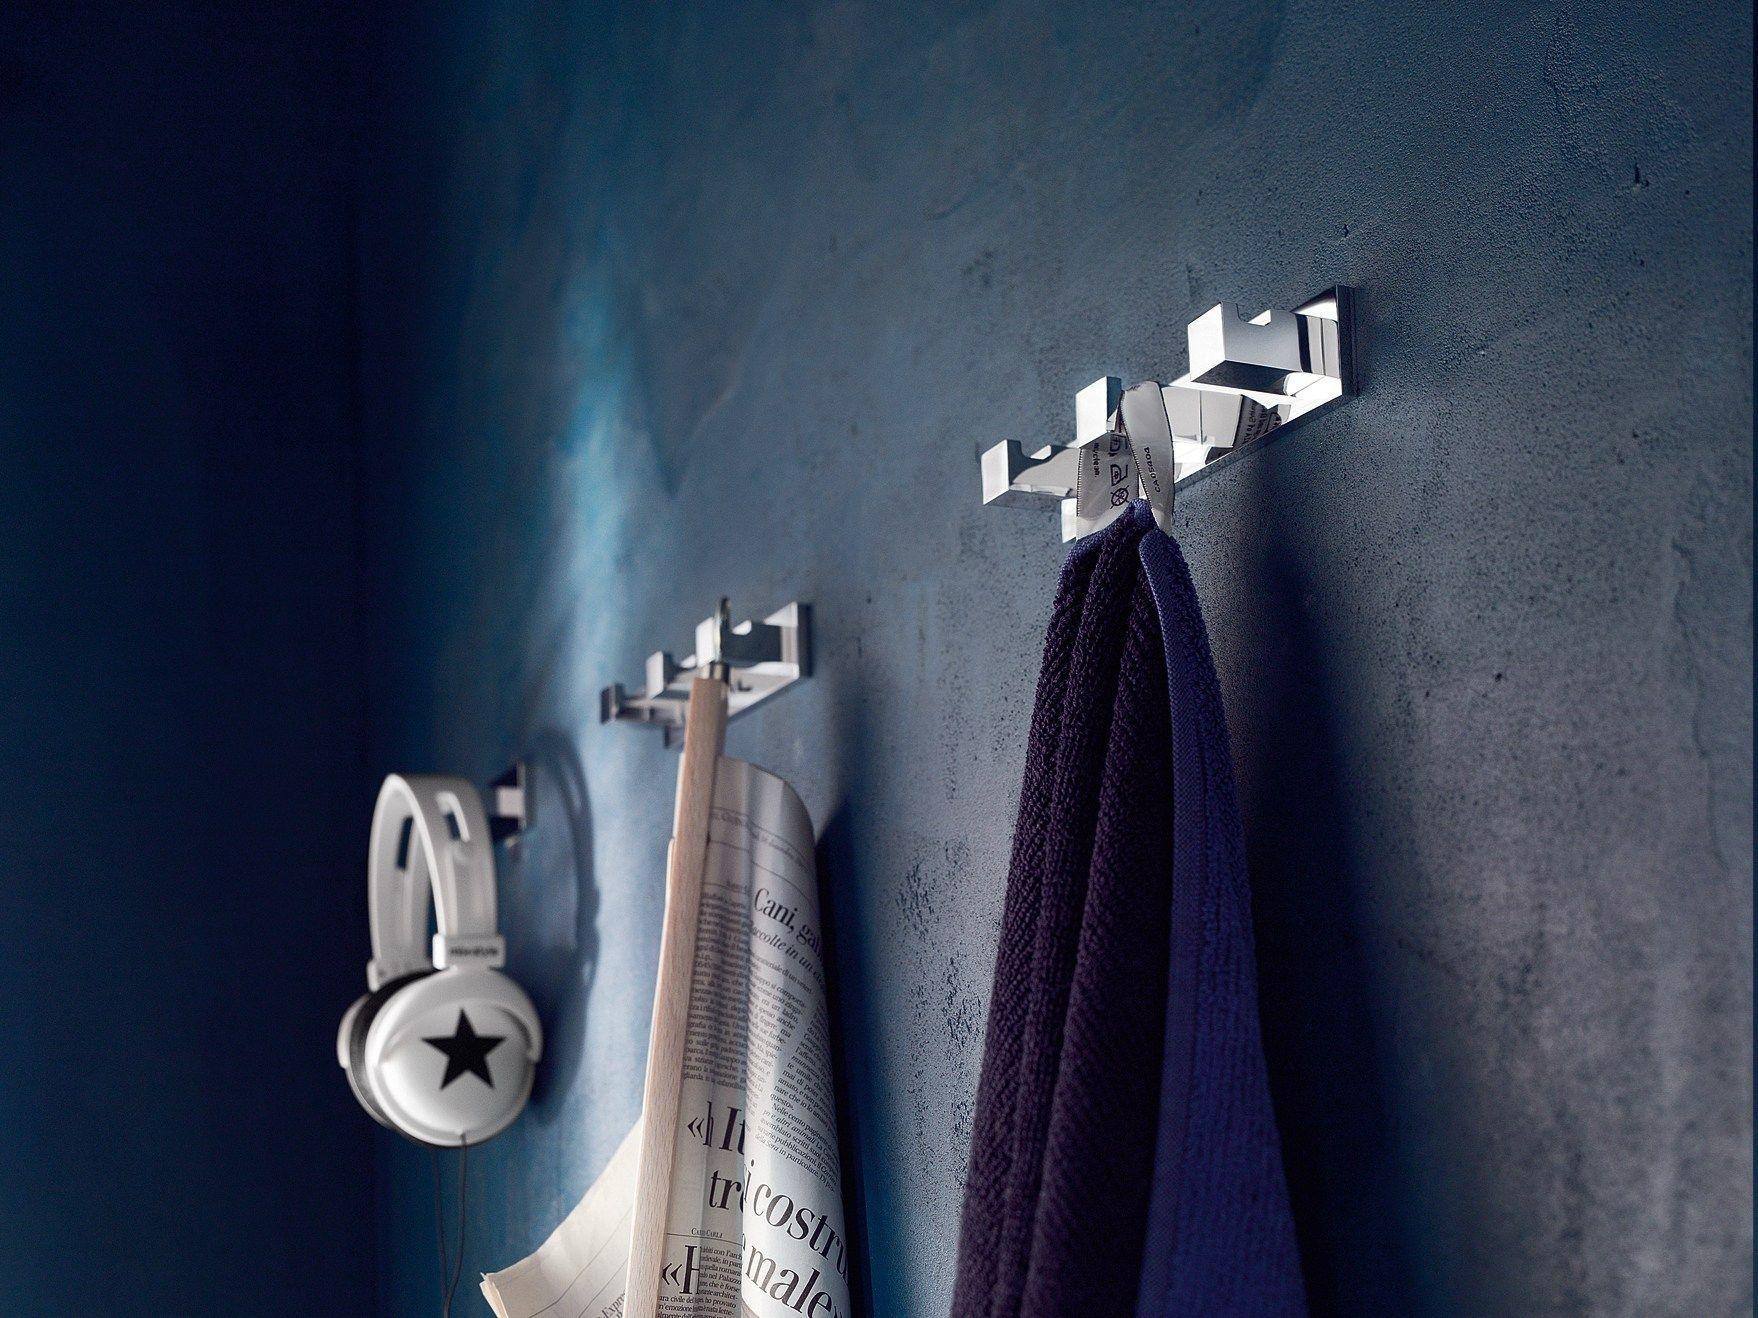 Cube porta accappatoio by carlo nobili rubinetterie design - Porta accappatoio da doccia ...